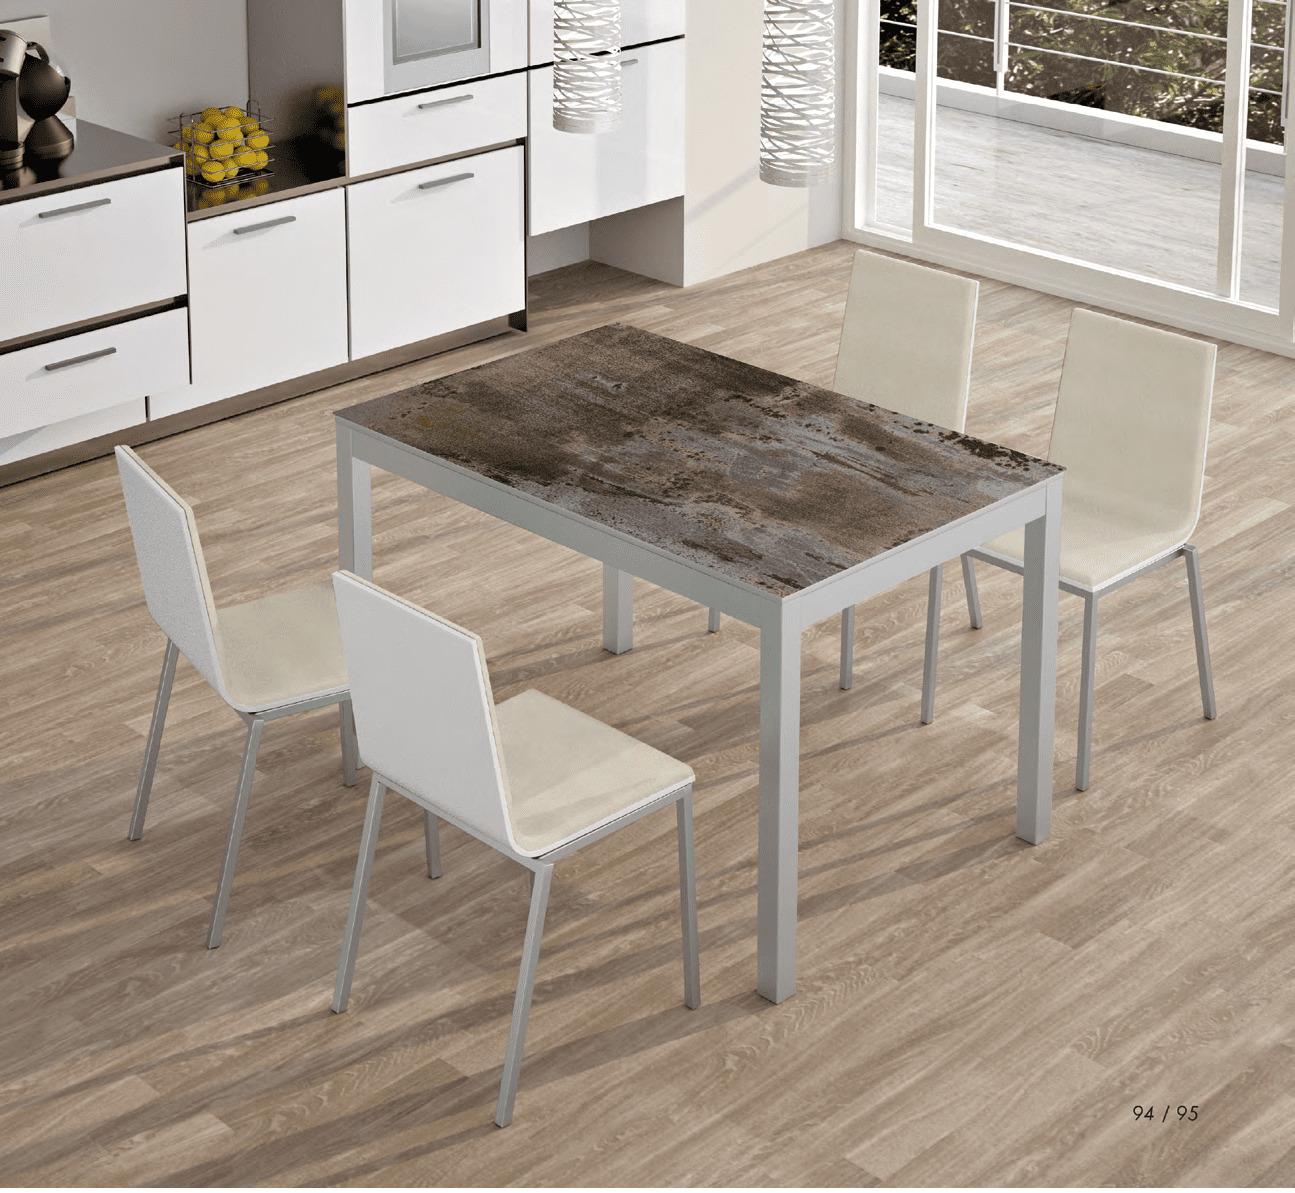 mesas-y-sillas-de-cocina-Insuperable-muebles-paco-caballero-209-5c9524a364877